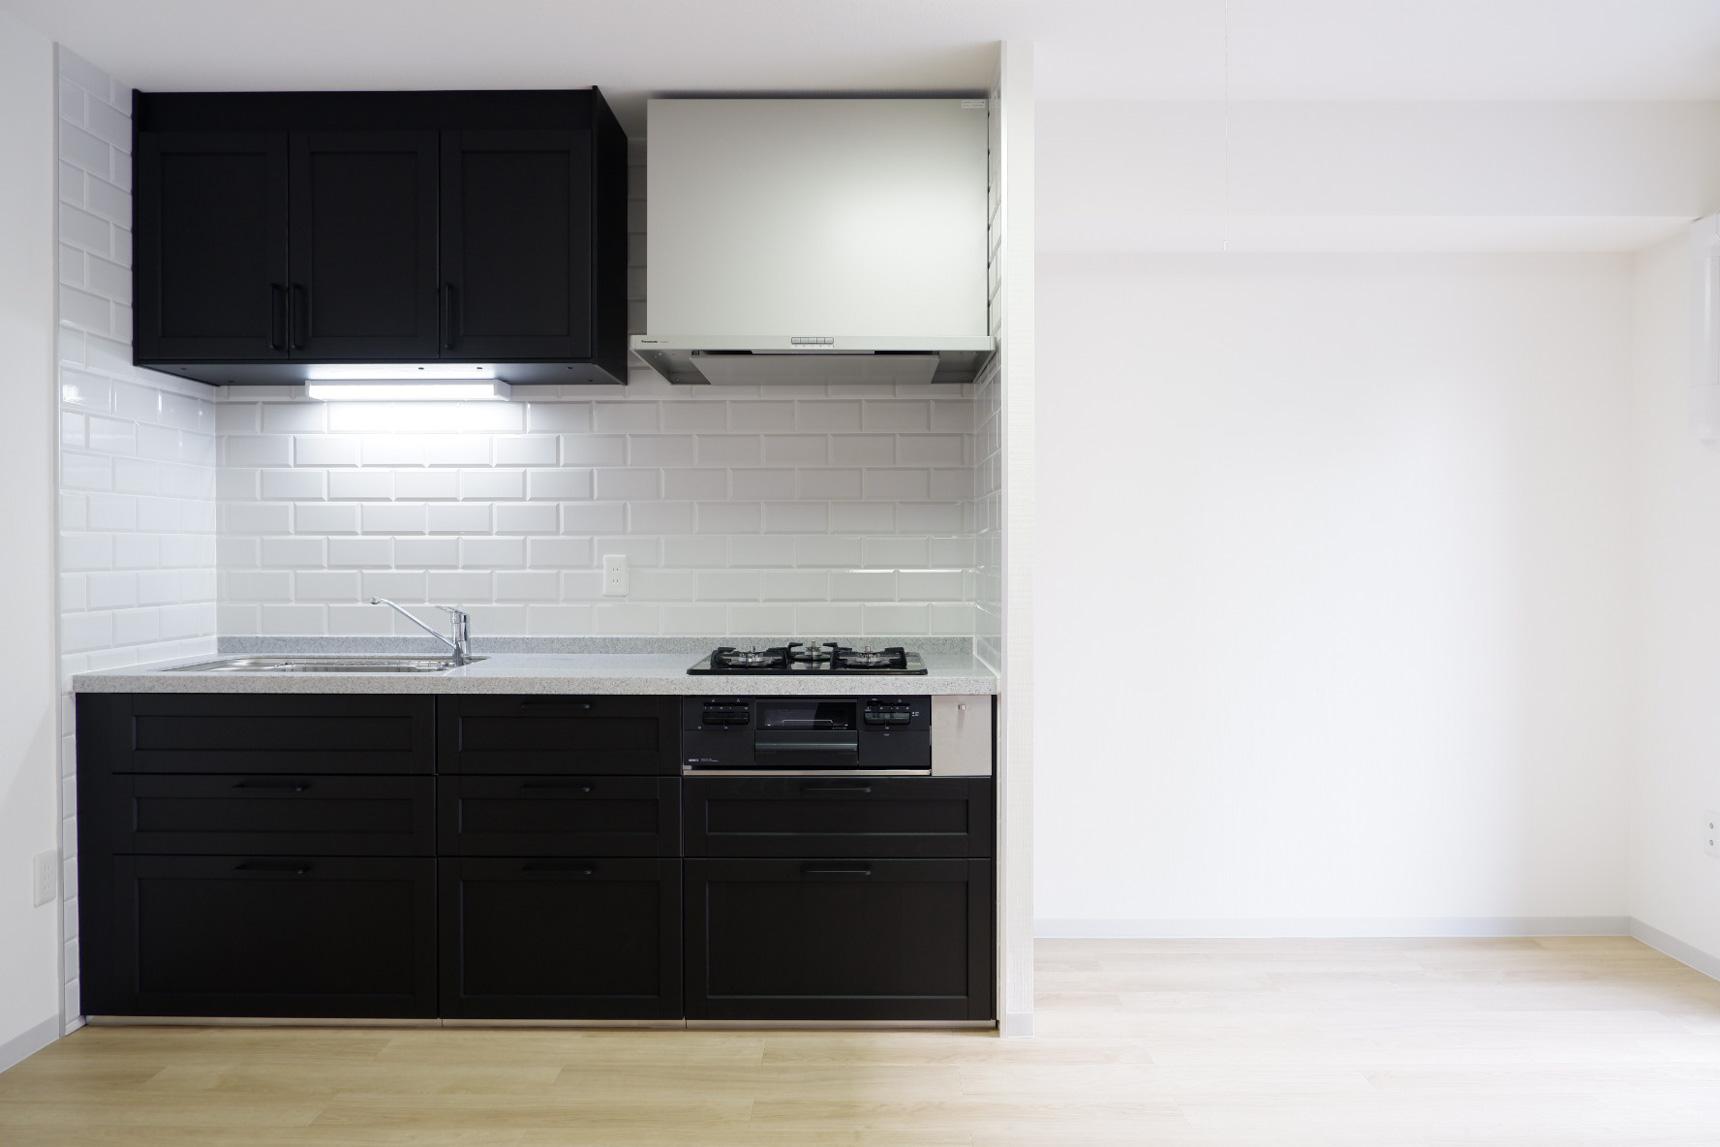 ちなみに、1DKの「スカンジナビアントラディッショナルスタイル」のキッチンはこんな感じ。こっちもかっこいい!